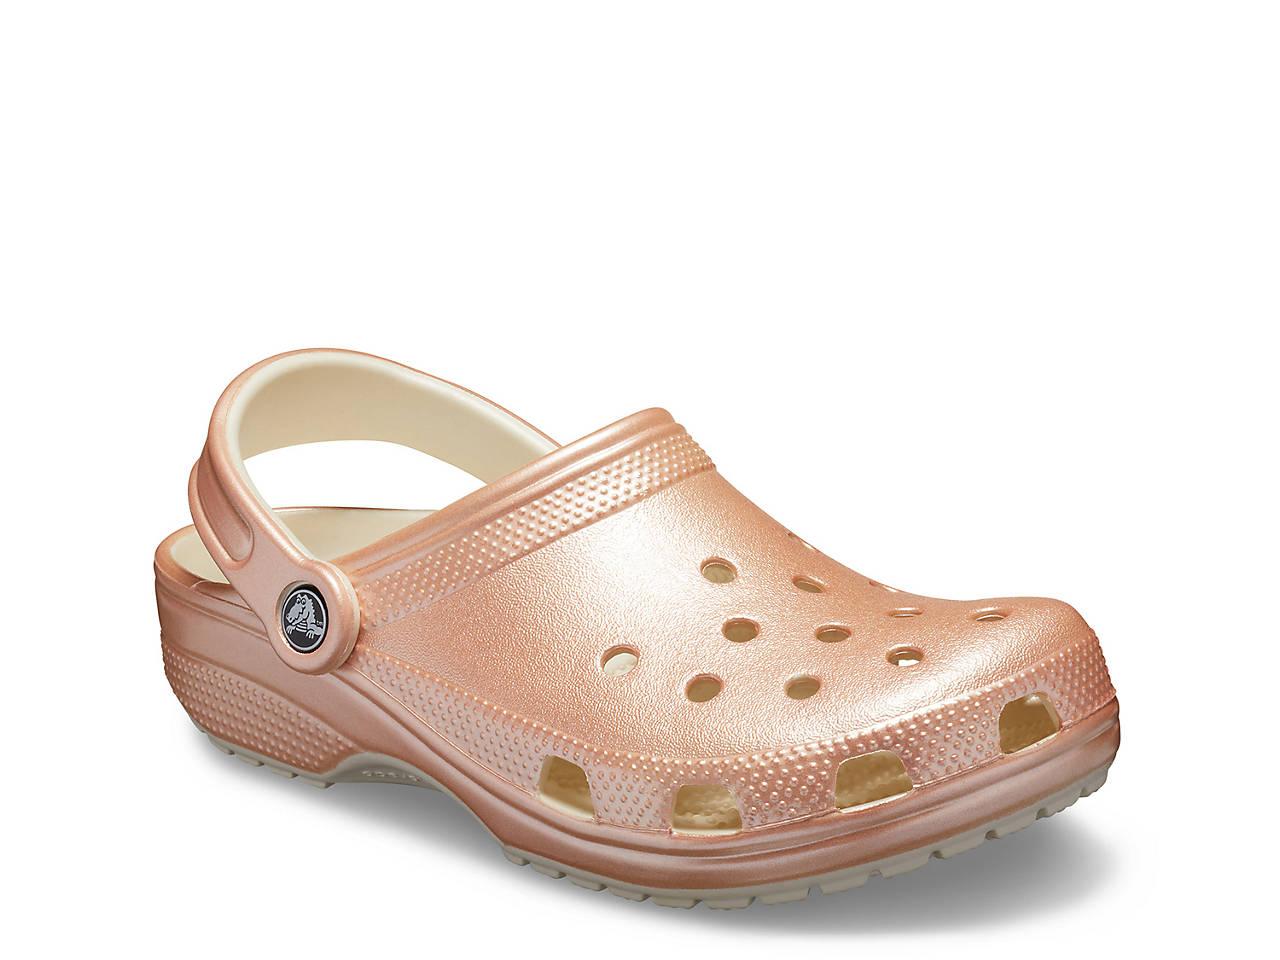 8ceccb8fe67 Crocs Classic Metallic Clog Women s Shoes